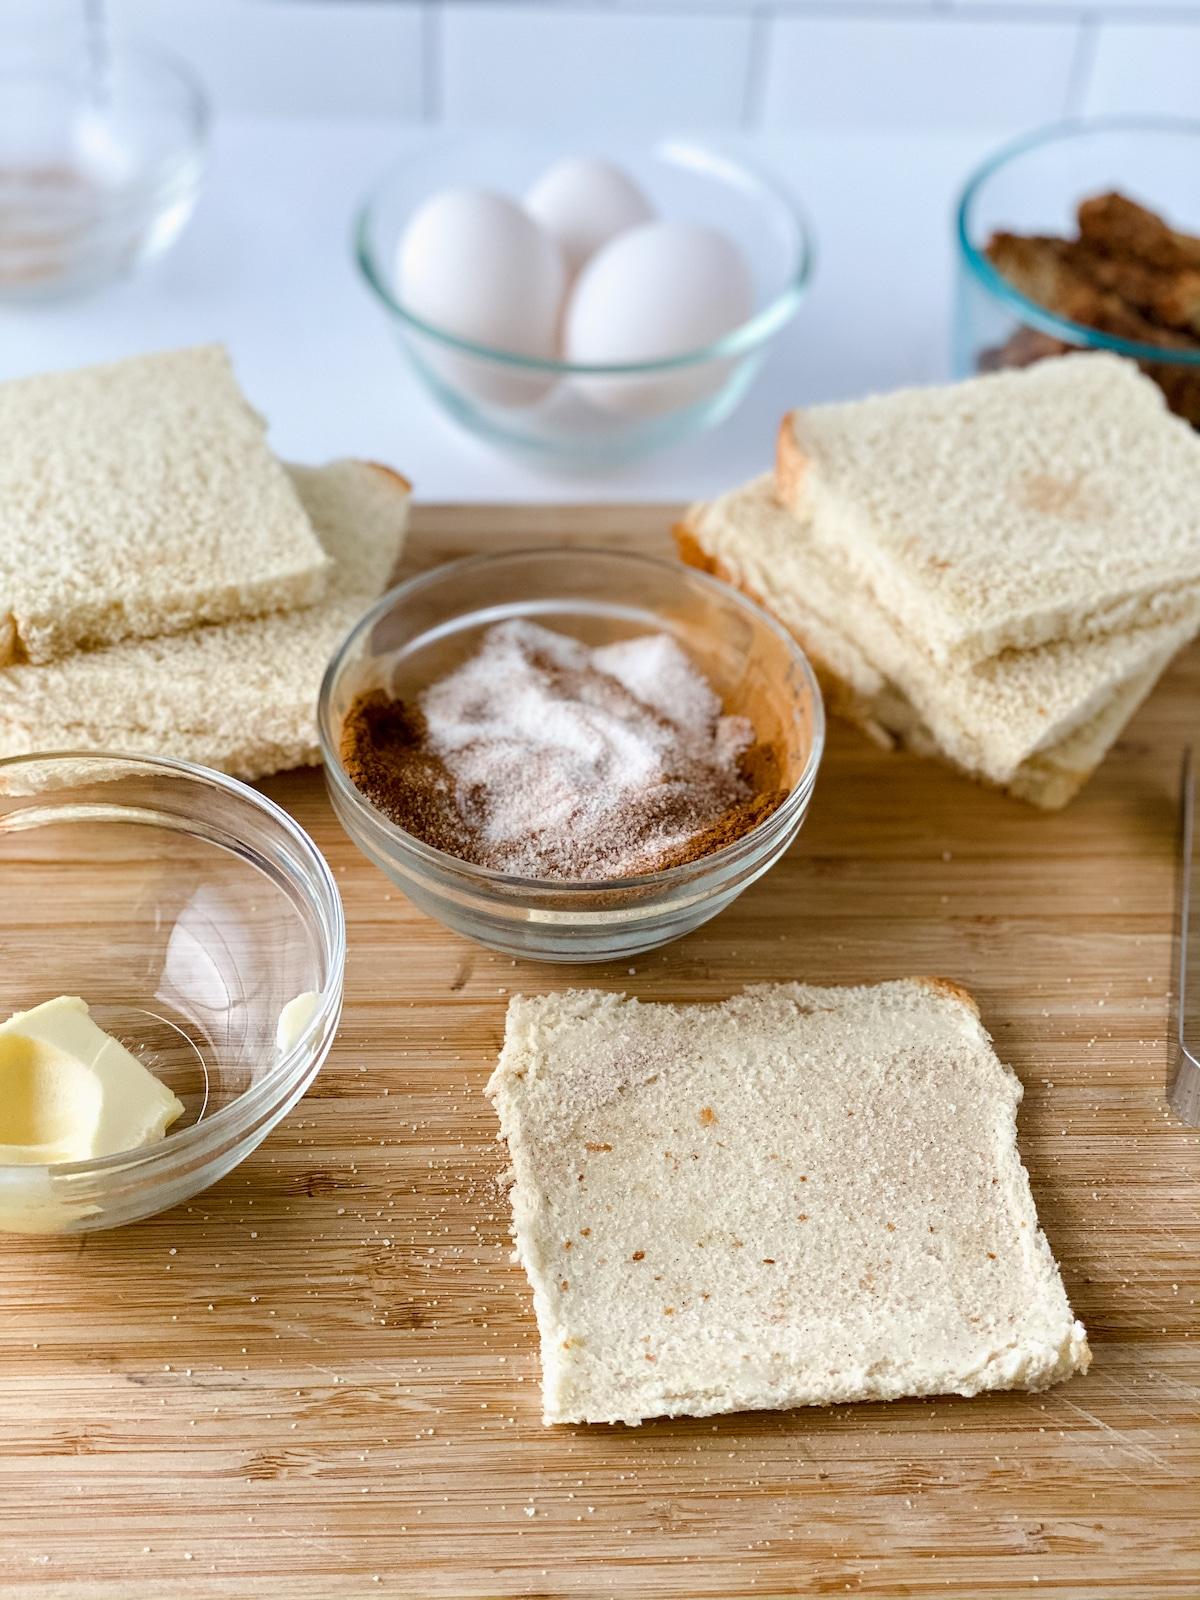 Adding cinnamon sugar to bread